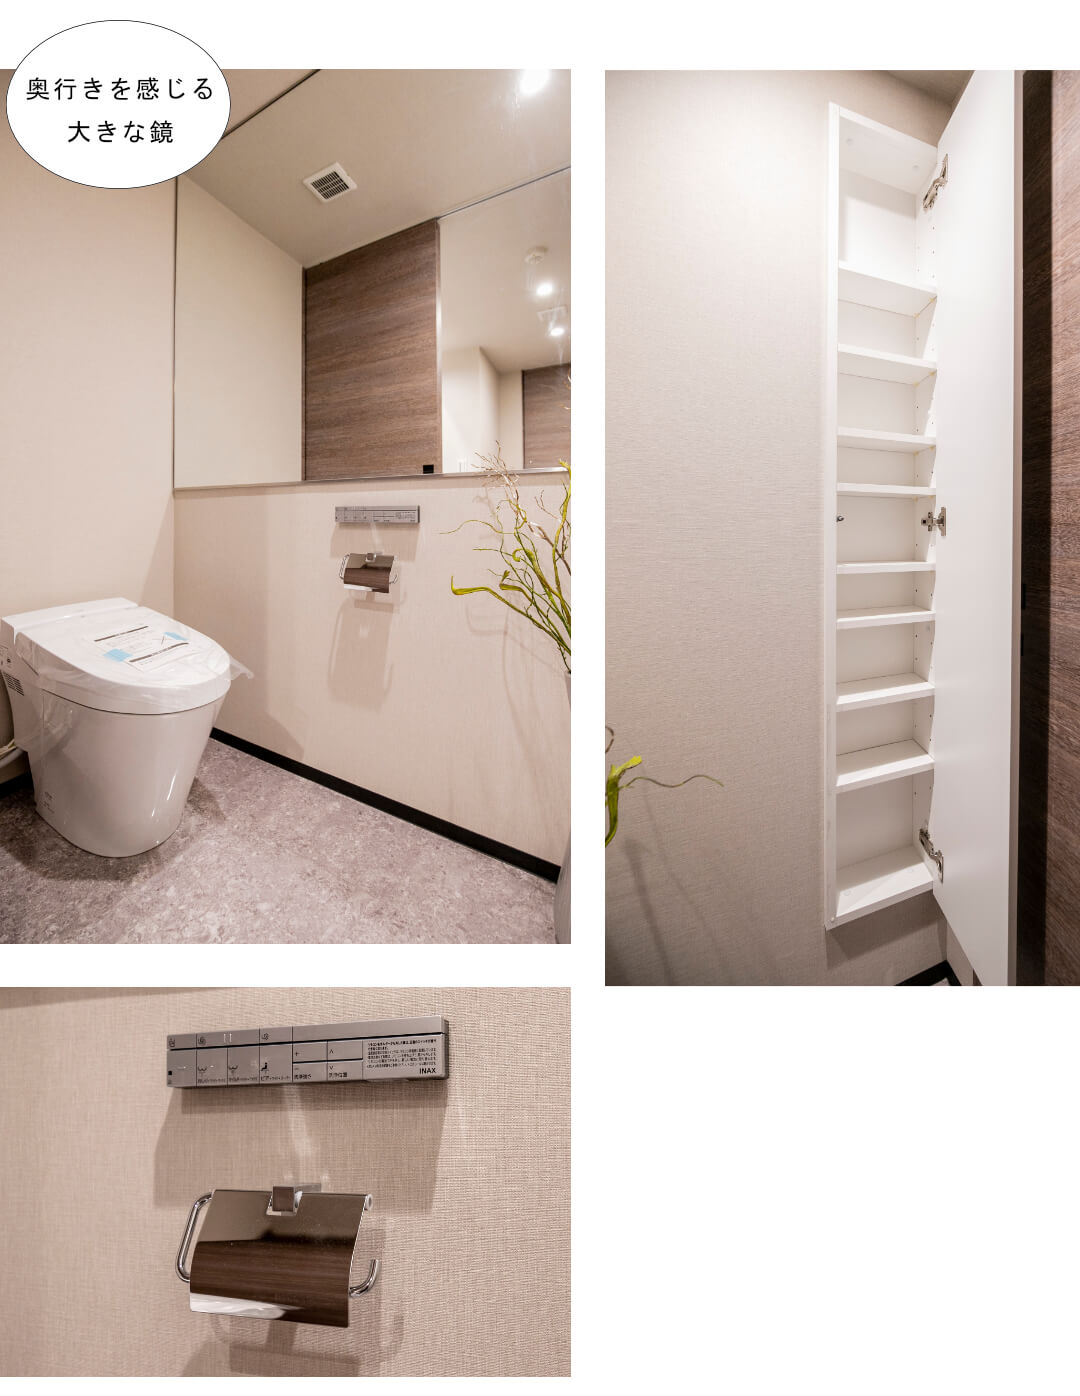 ザ・ウエストミンスター六本木 5XXのトイレ